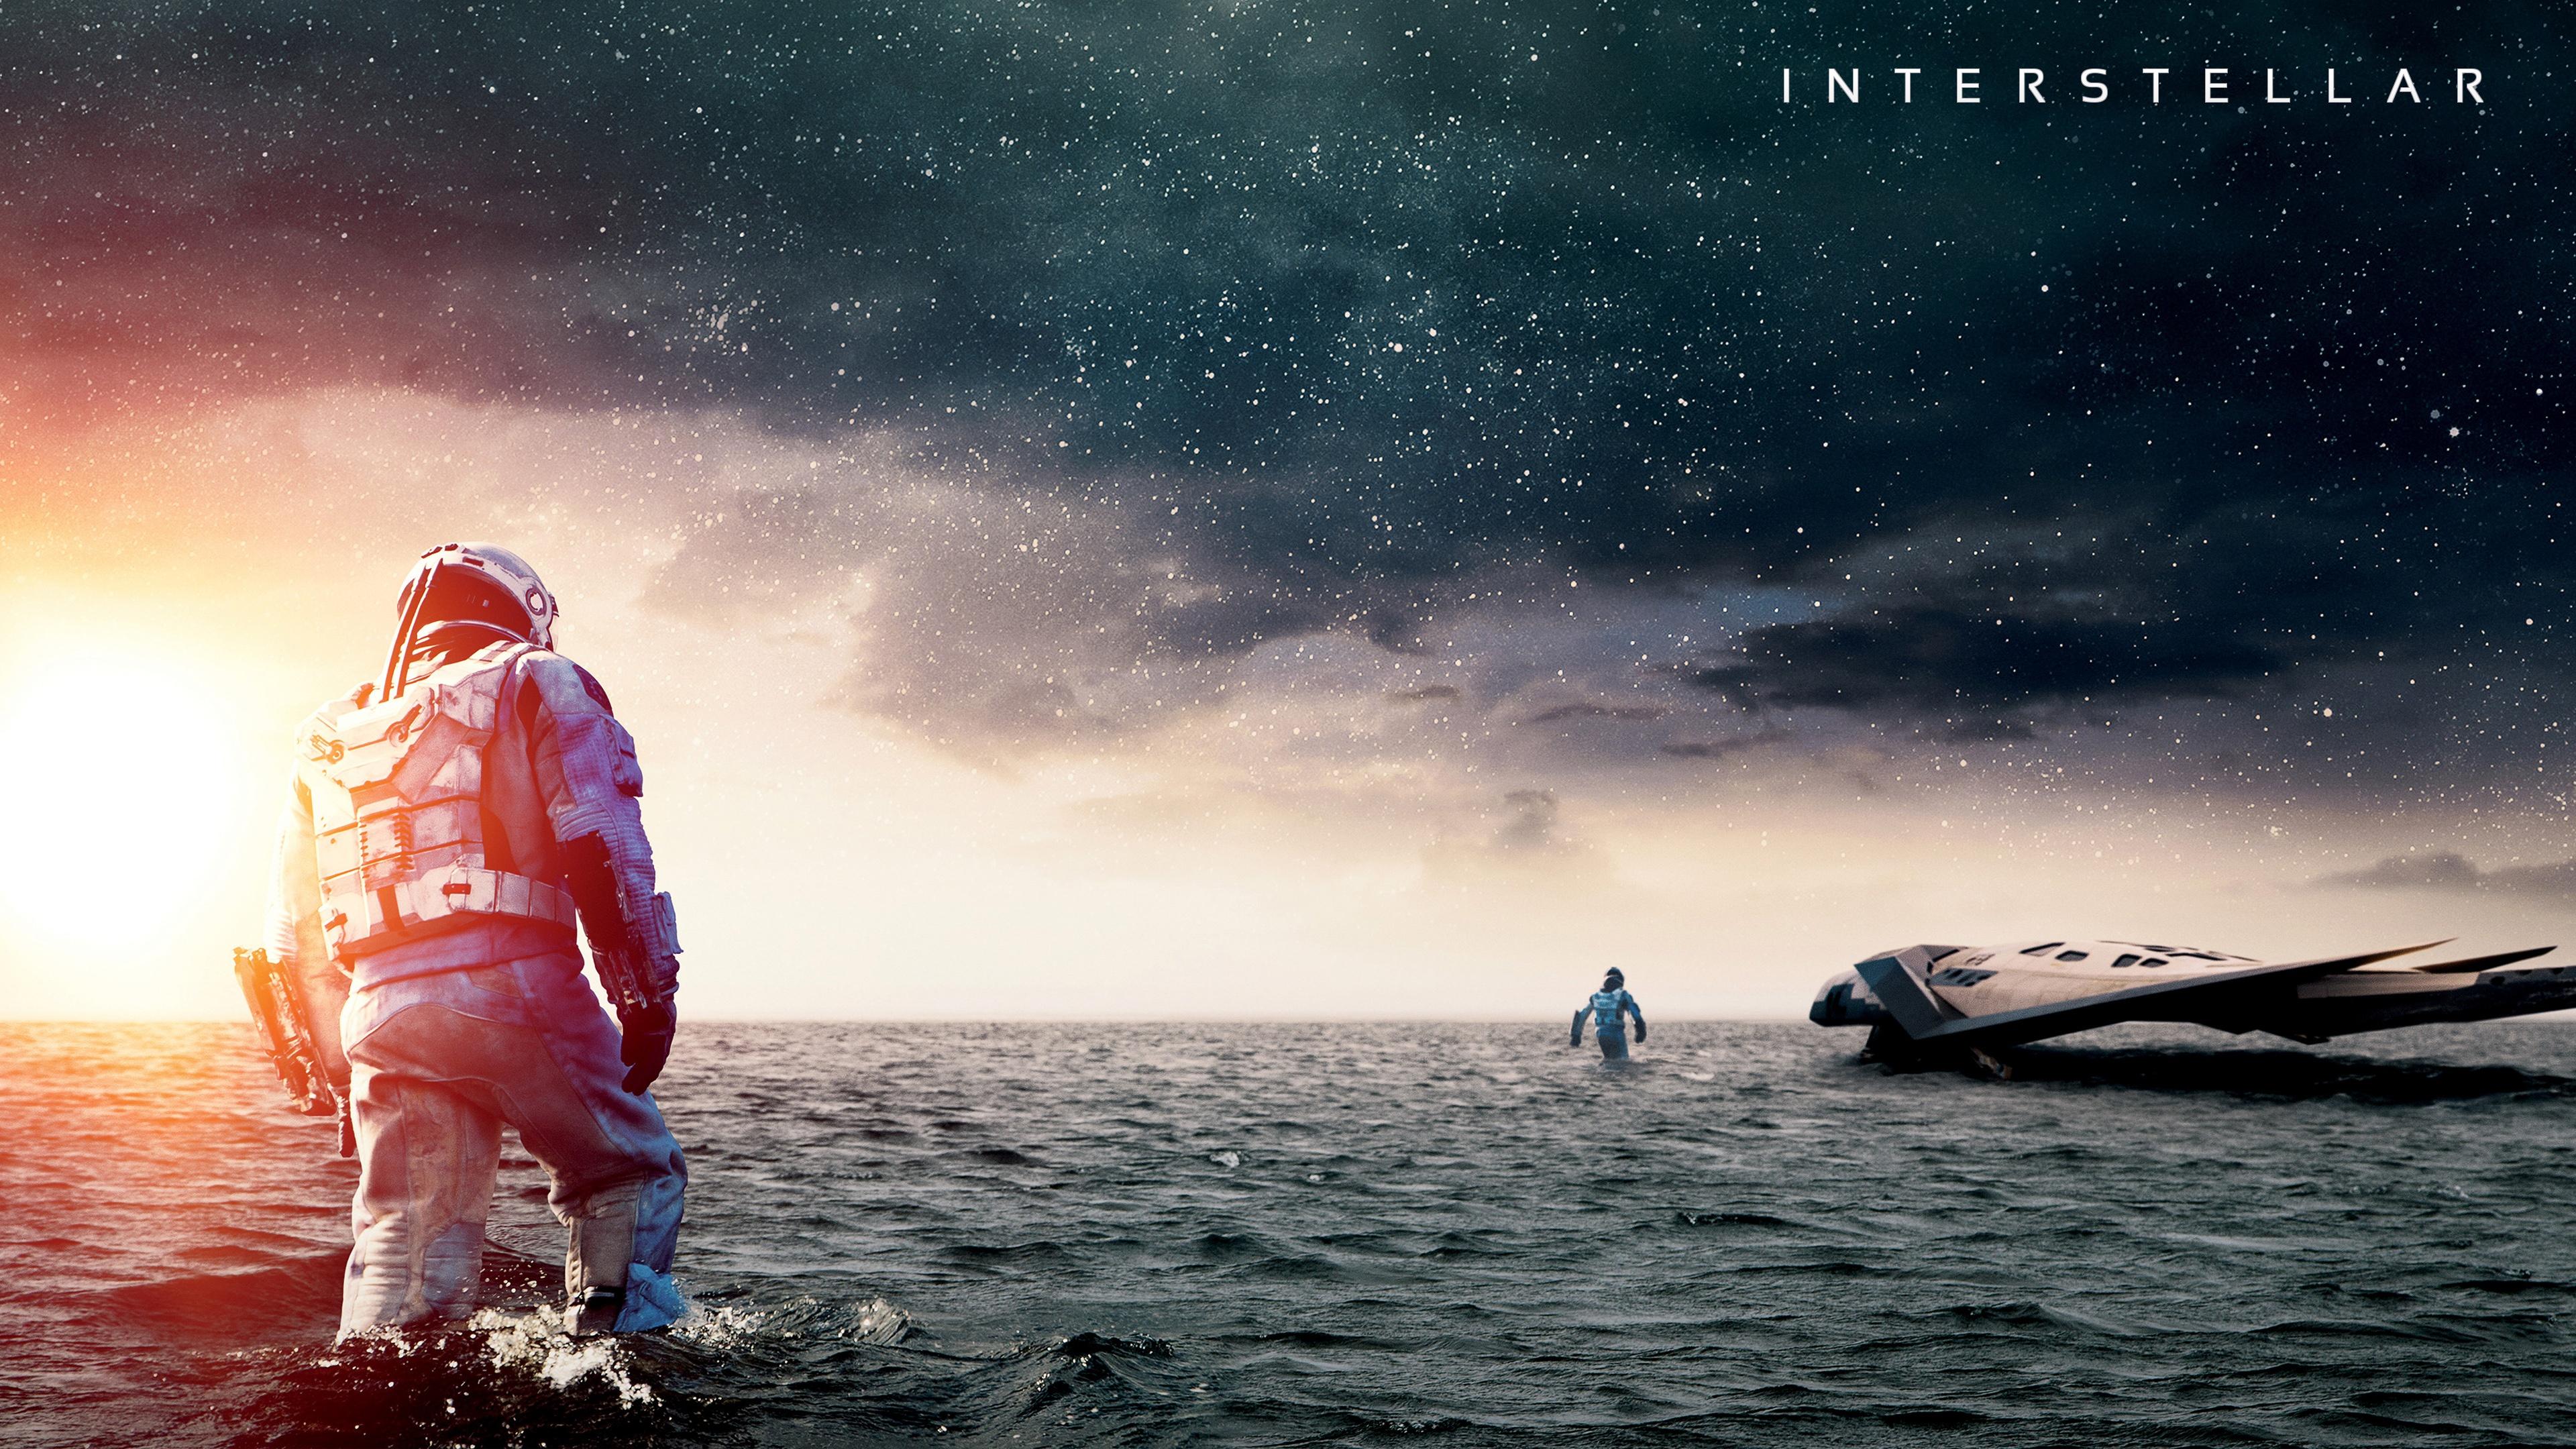 interstellar official.jpg